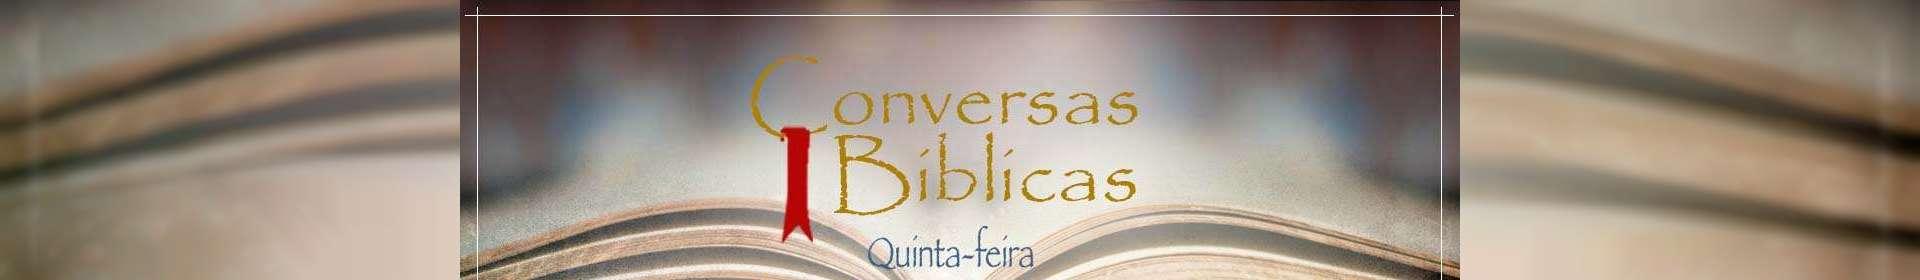 Conversas Bíblicas: Arrebatamento - Parte 3